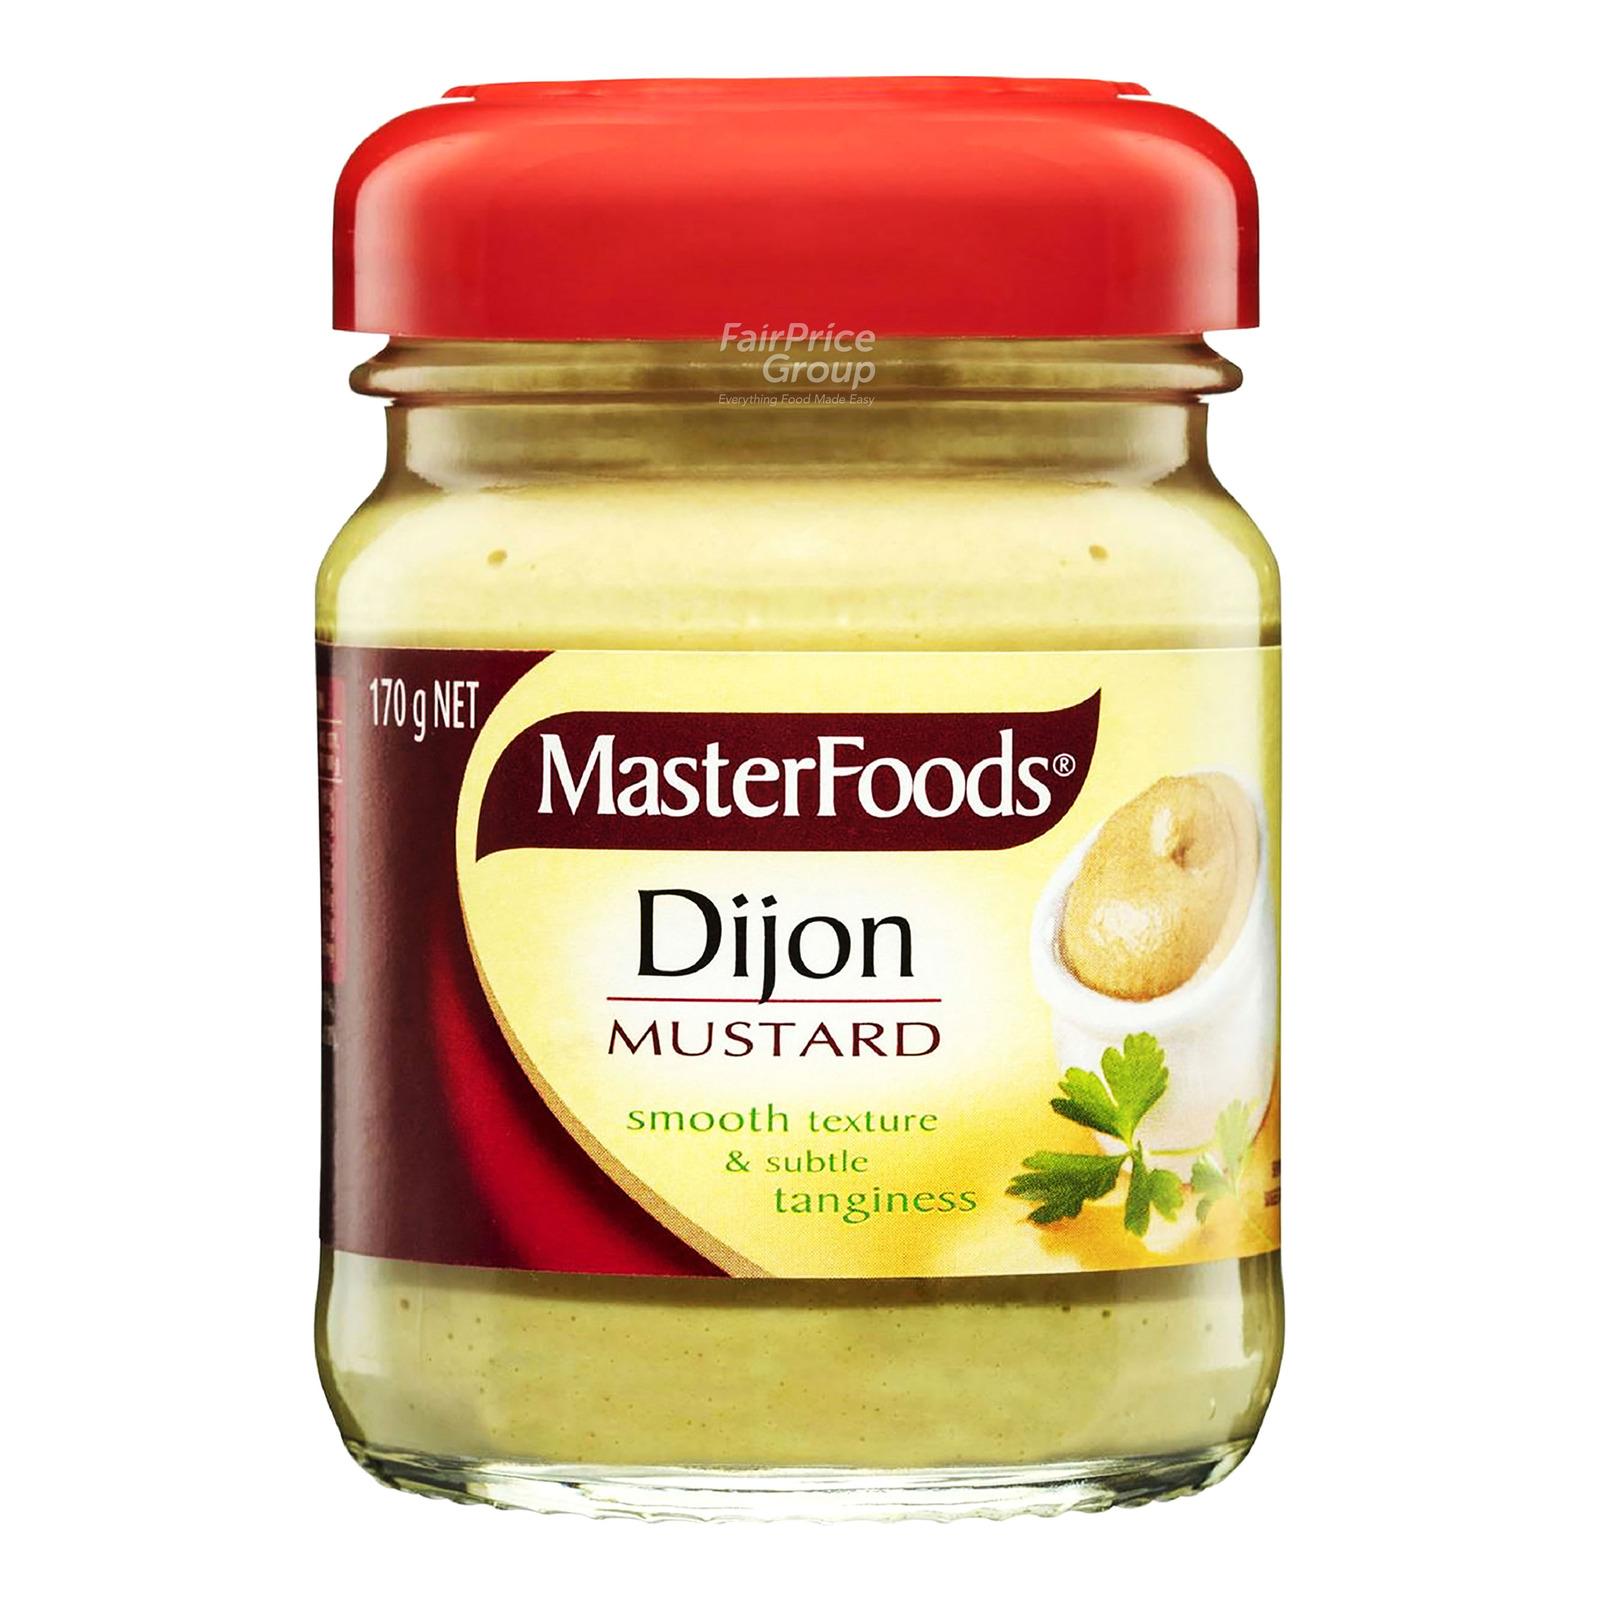 MasterFoods Mustard - Dijon